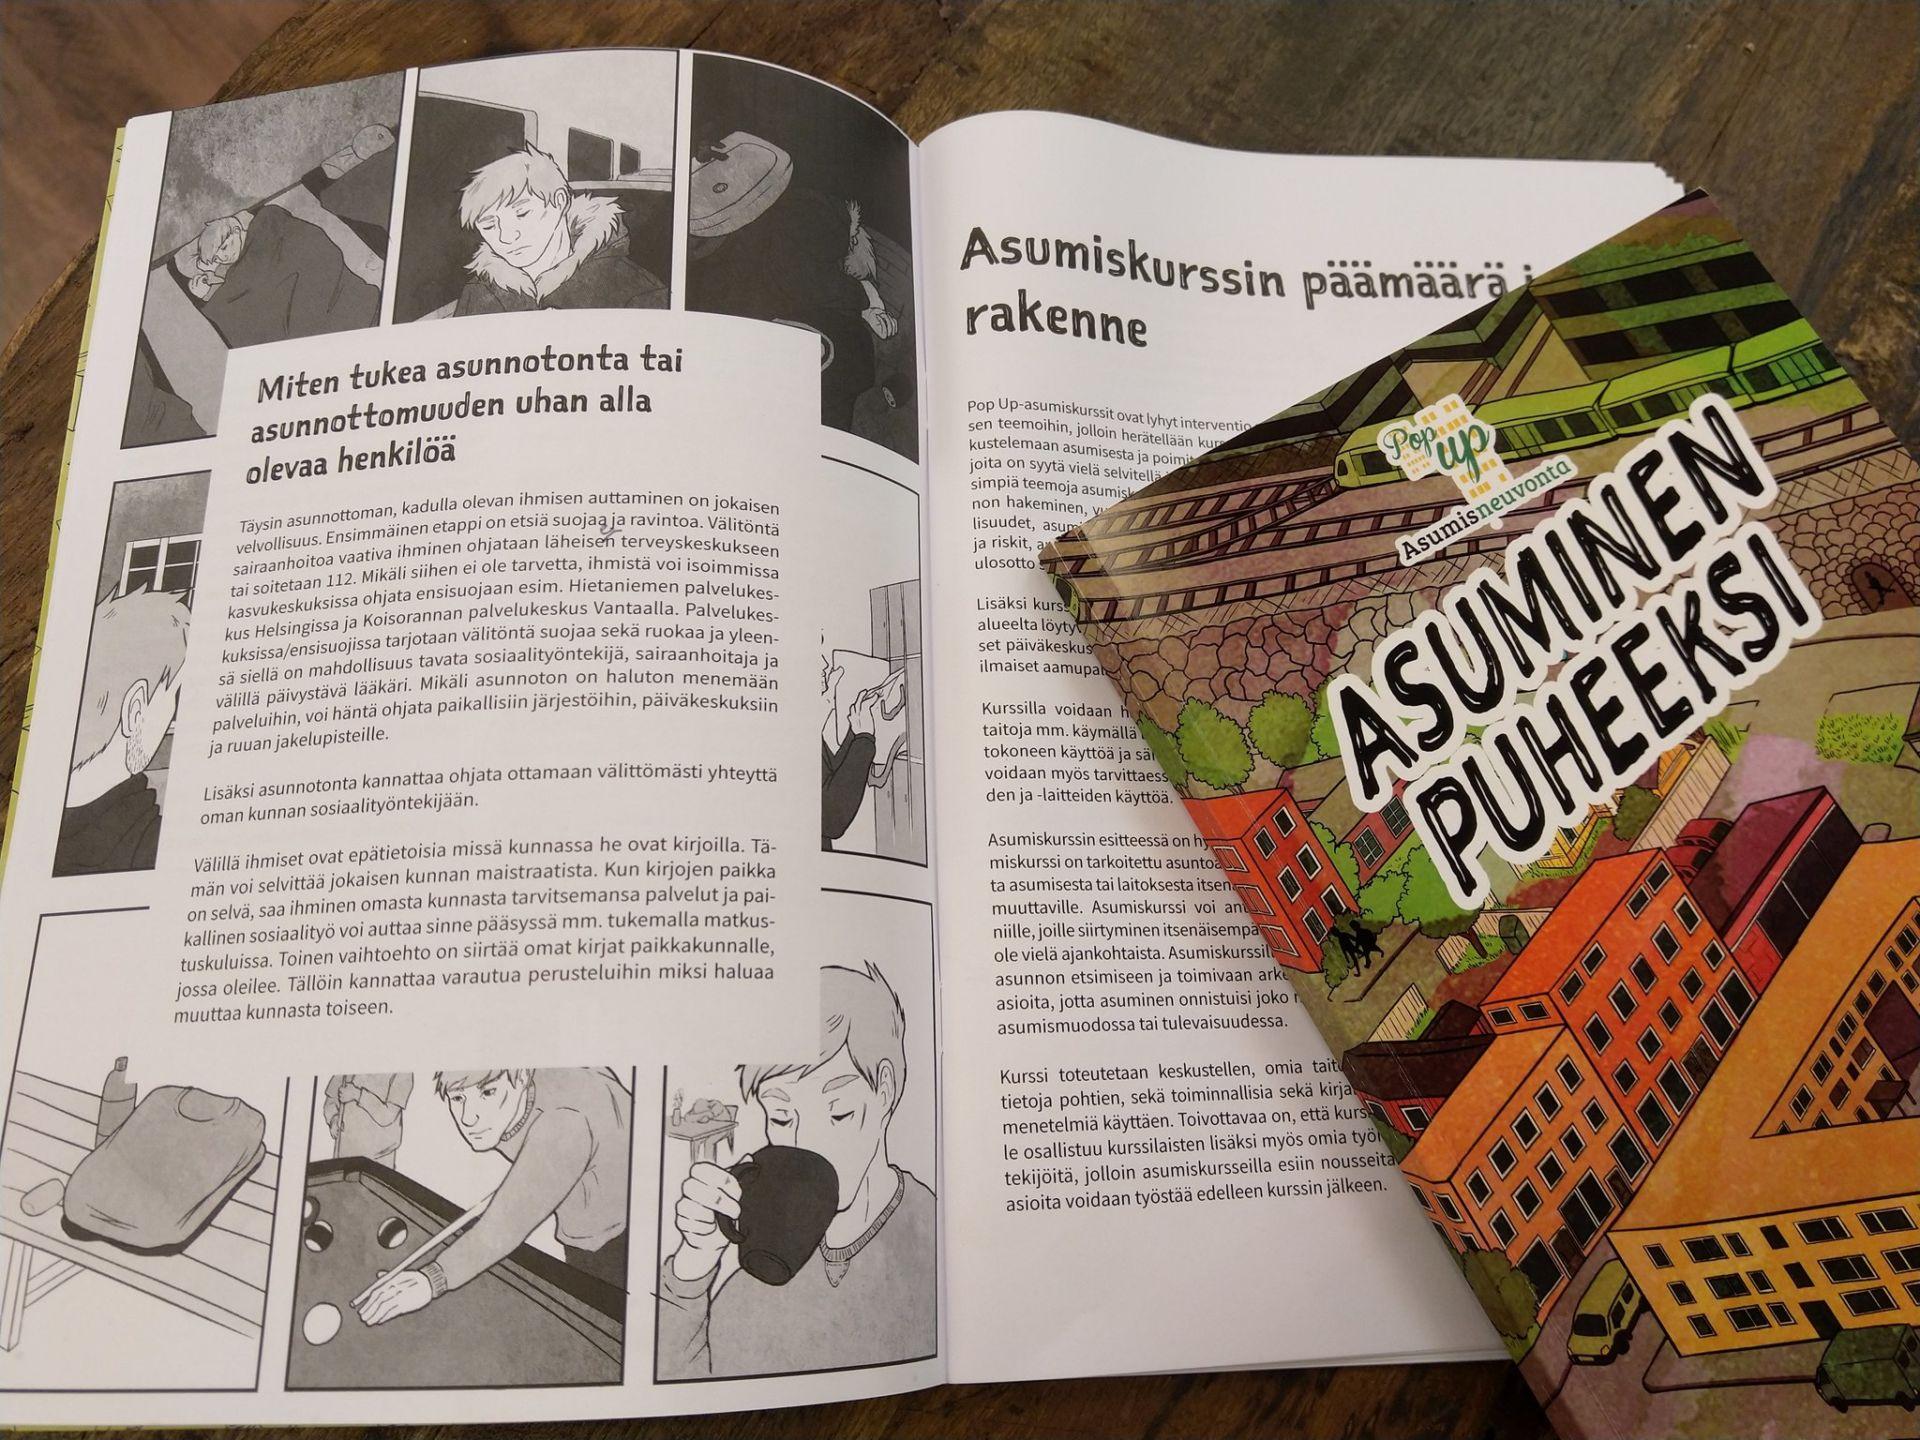 Asuminen puheeksi -opas avattuna pöydälle ja Asuminen puheeksi -sarjakuvakirja aseteltuna toisen sivun päälle.